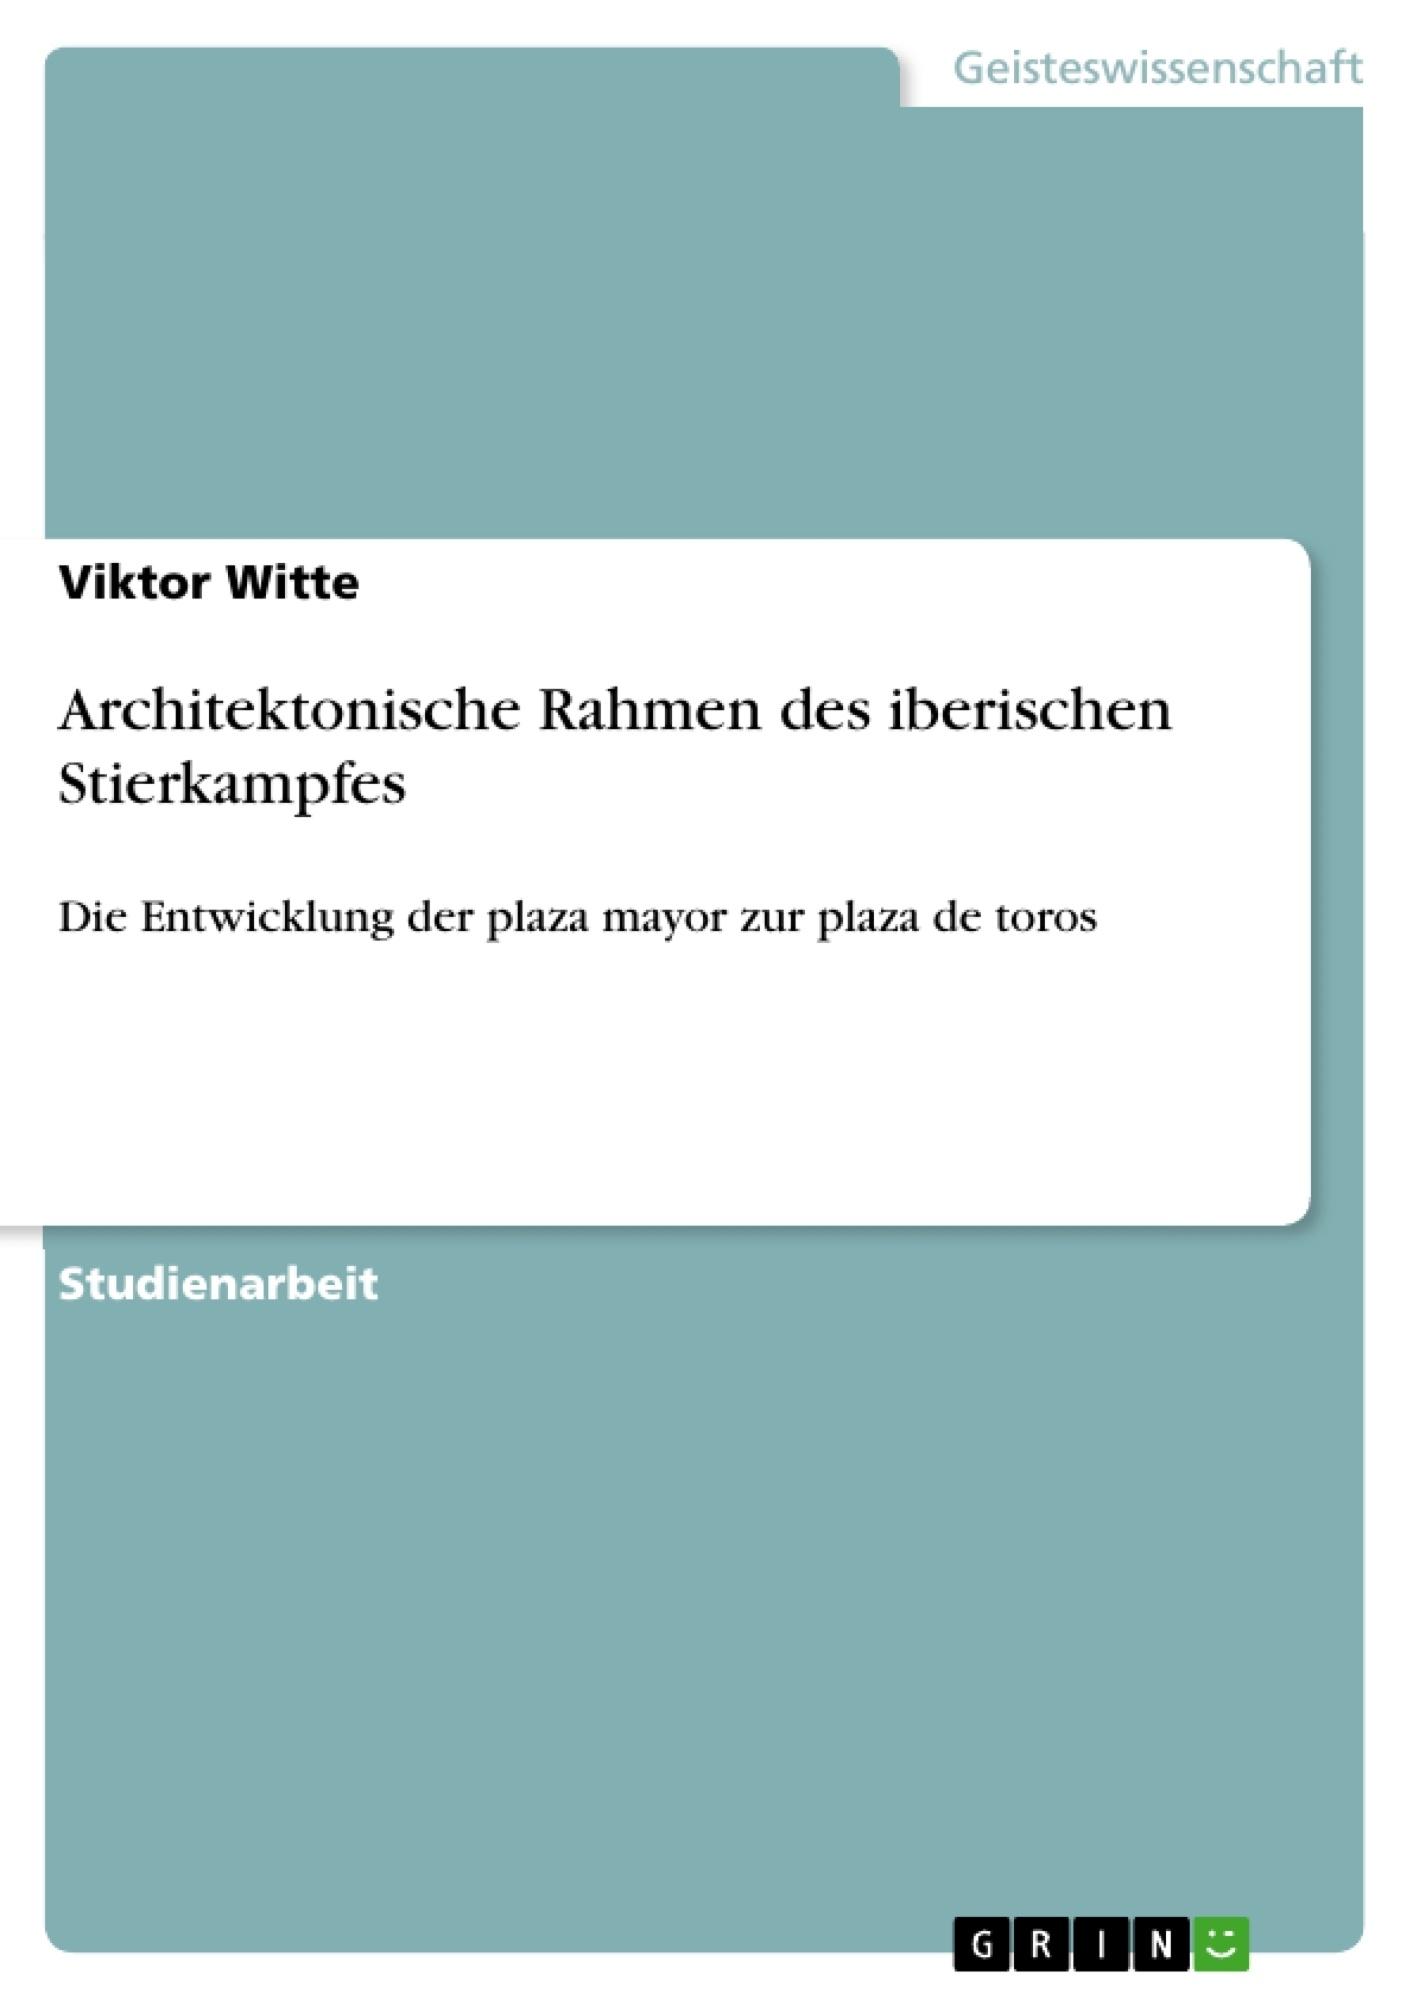 Titel: Architektonische Rahmen des iberischen Stierkampfes